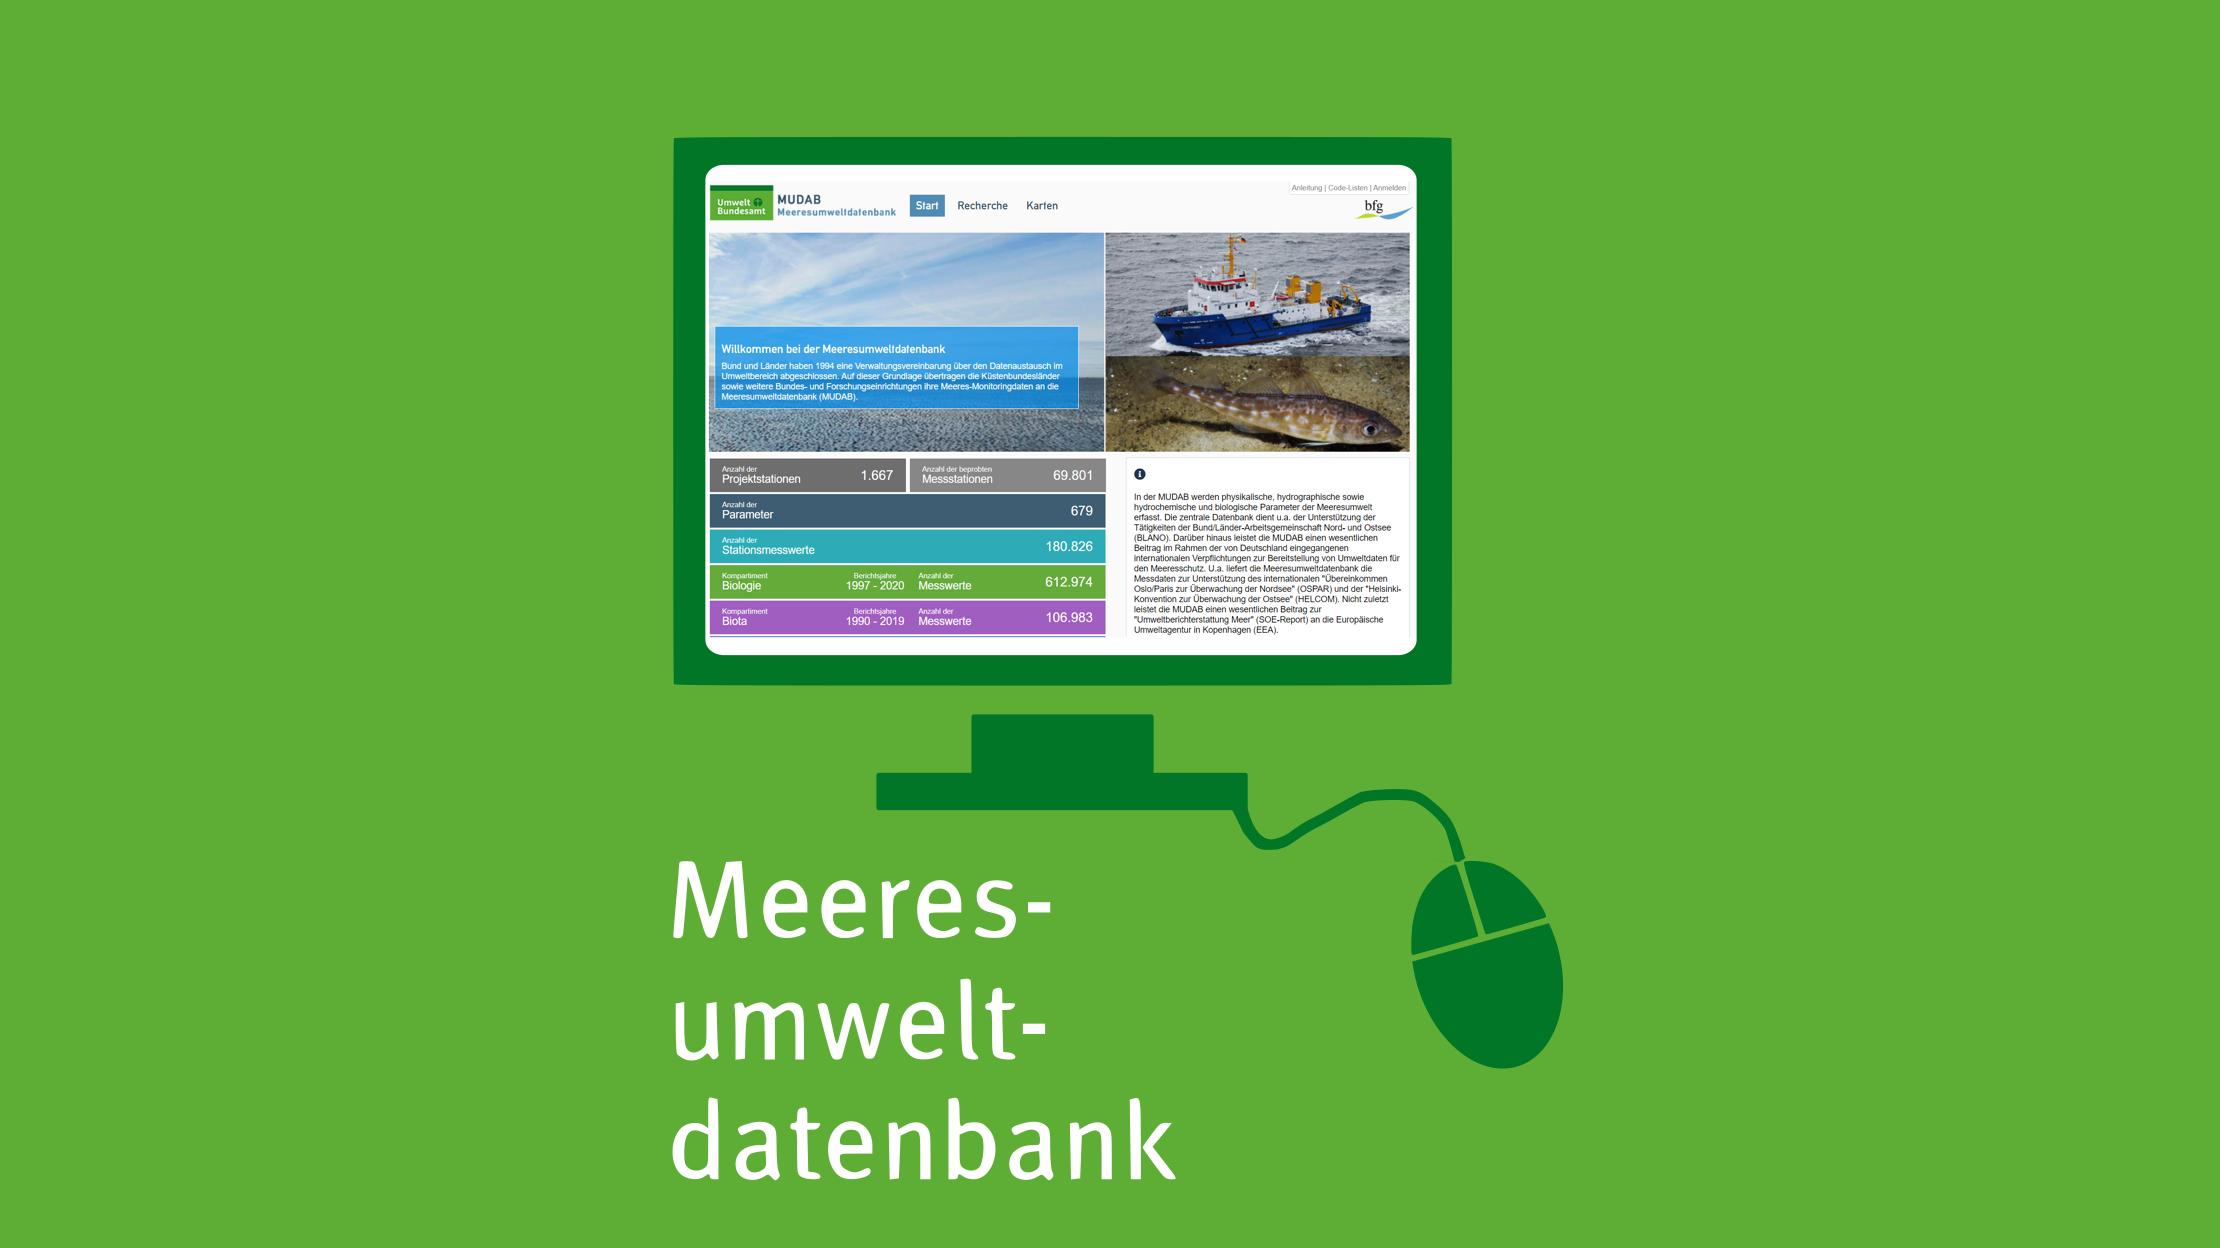 Mit Klick aufs Bild gelangen Sie zur verlinkten Meeresumweltdatenbank-Website.